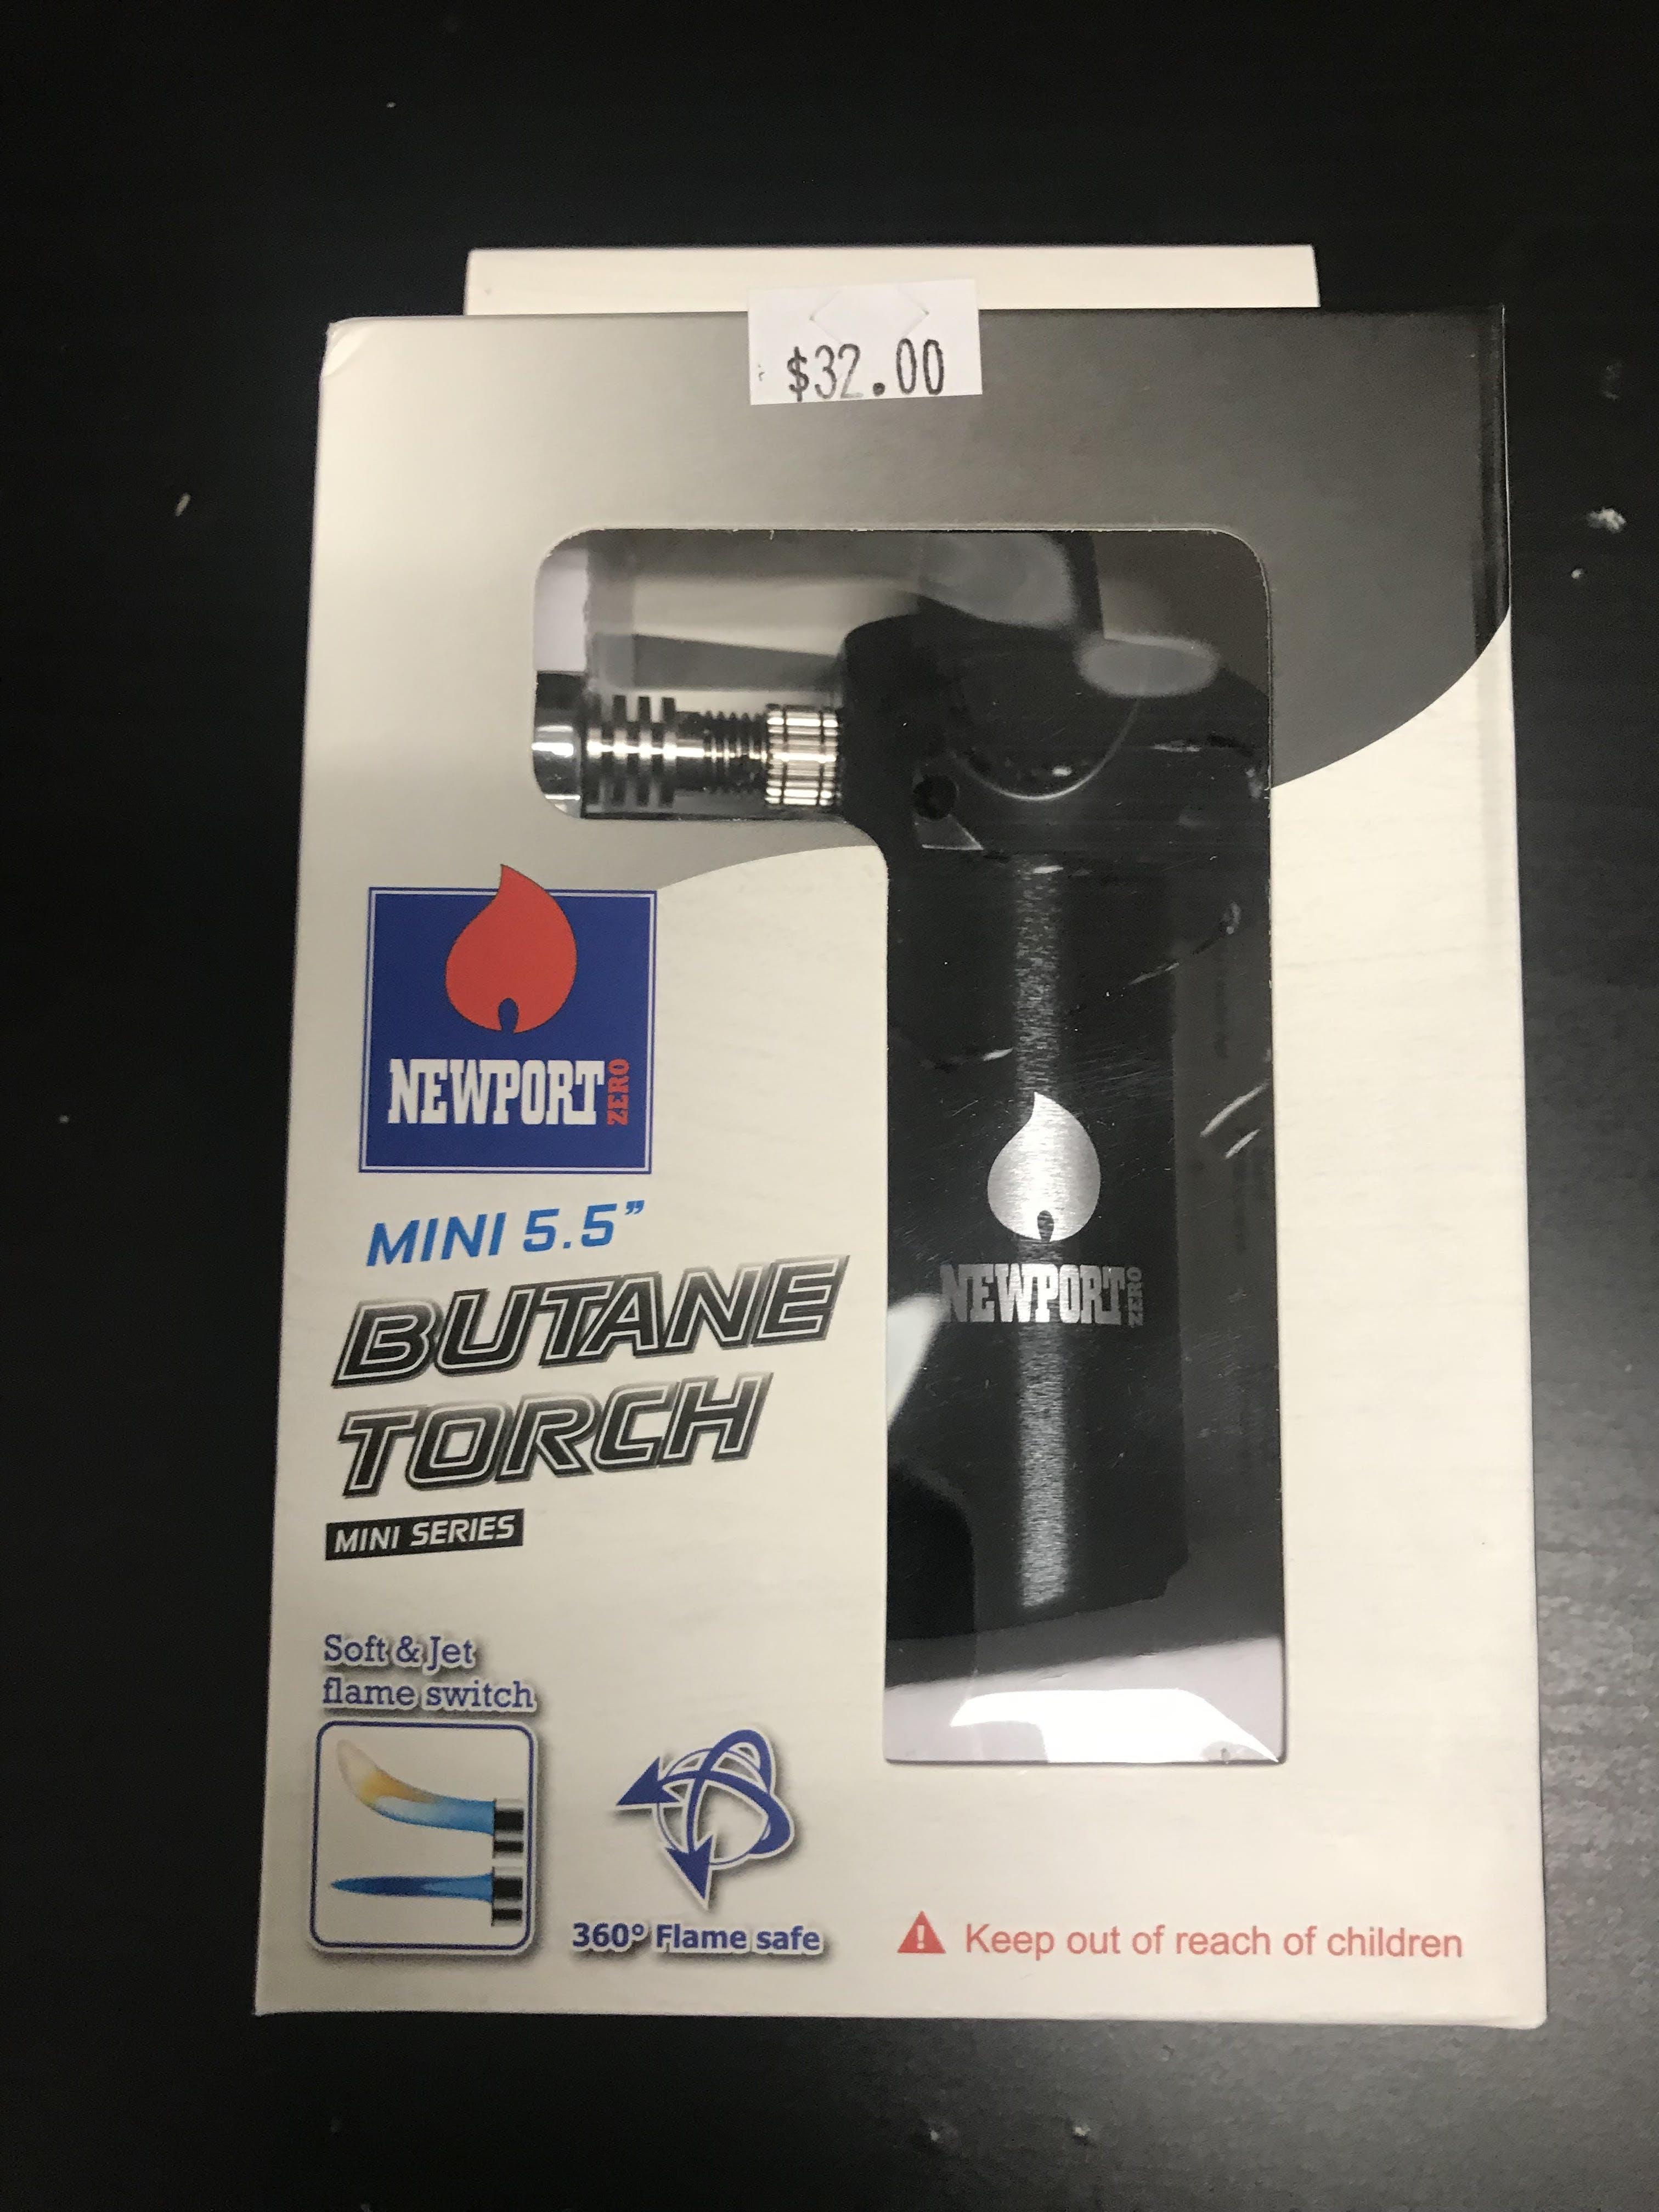 gear-butane-torch